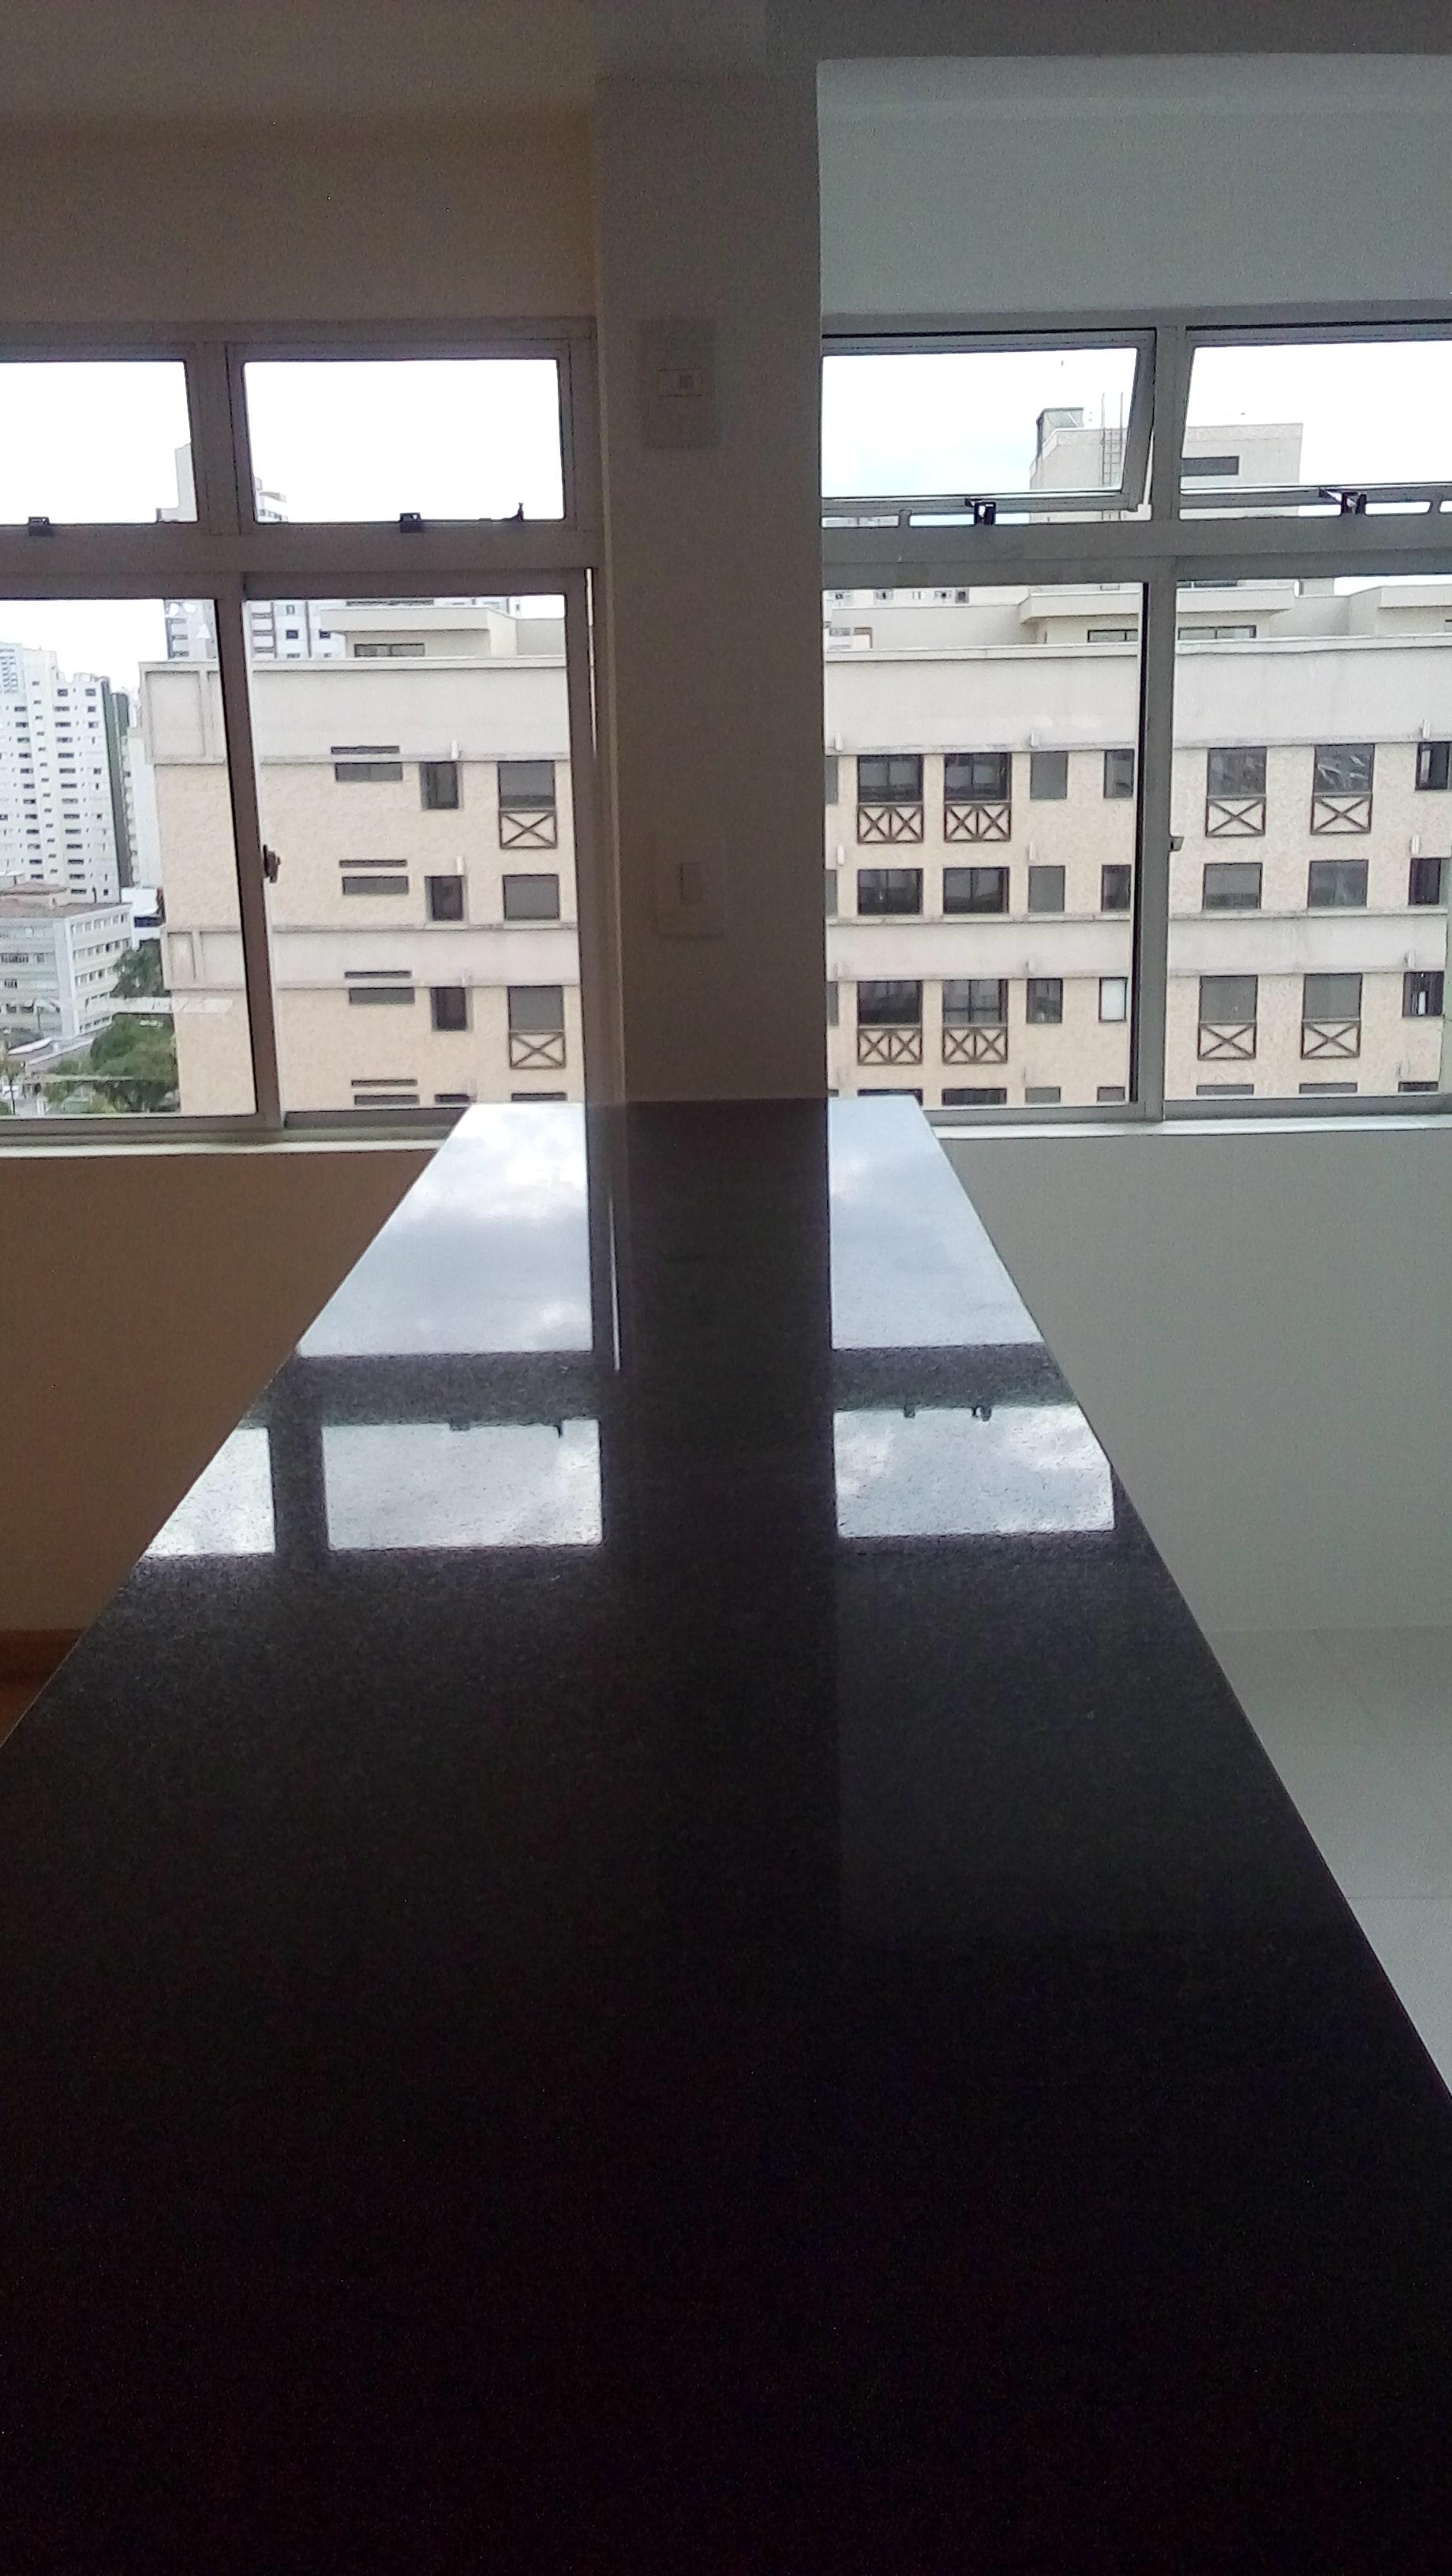 6 - Reforma Apartamento Simone Fecci Eng